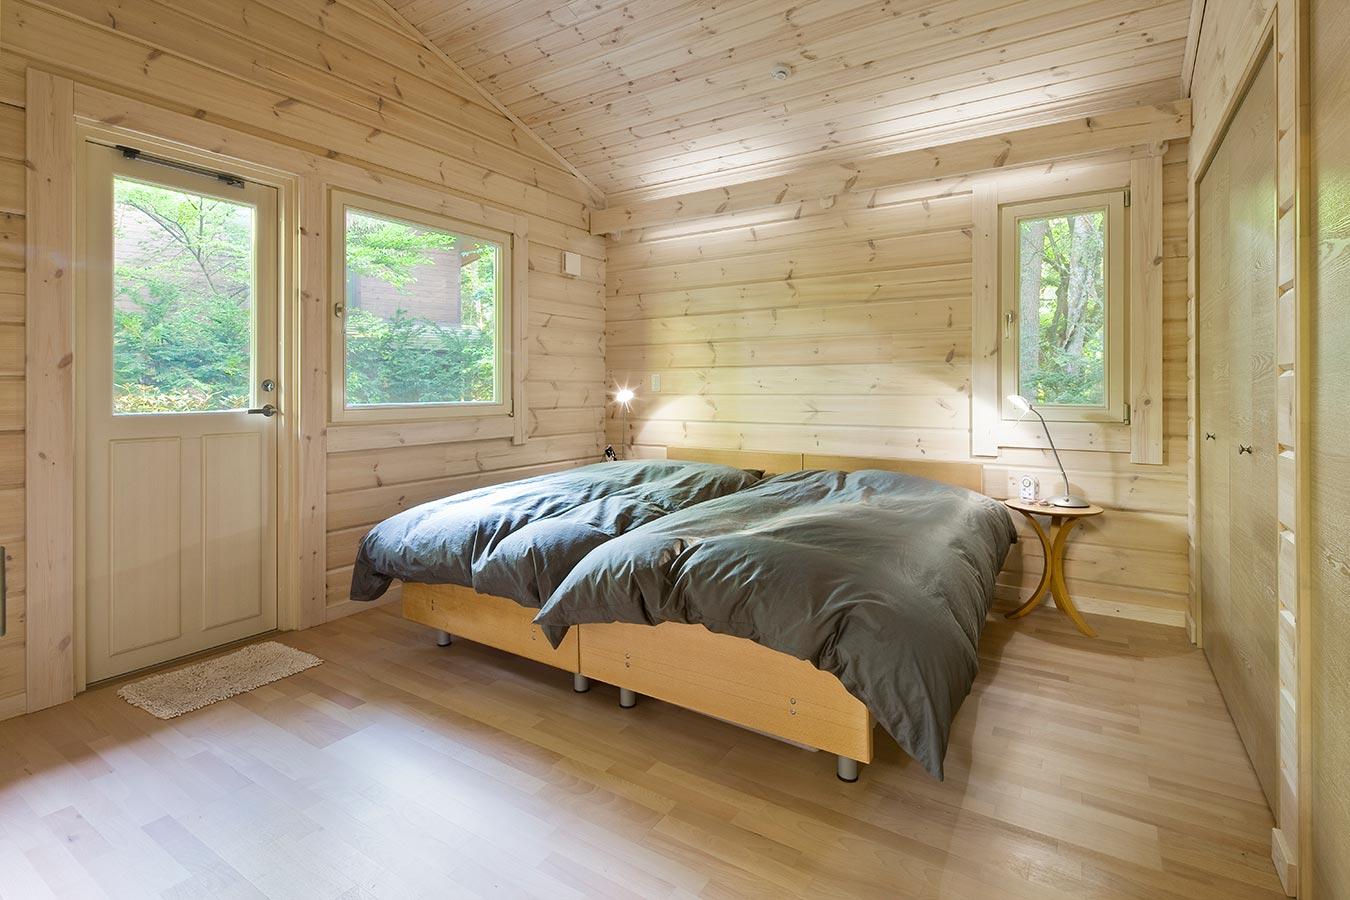 ベッドルームには、間接照明を設置。やわらかい明かりがリラックスさせてくれます。